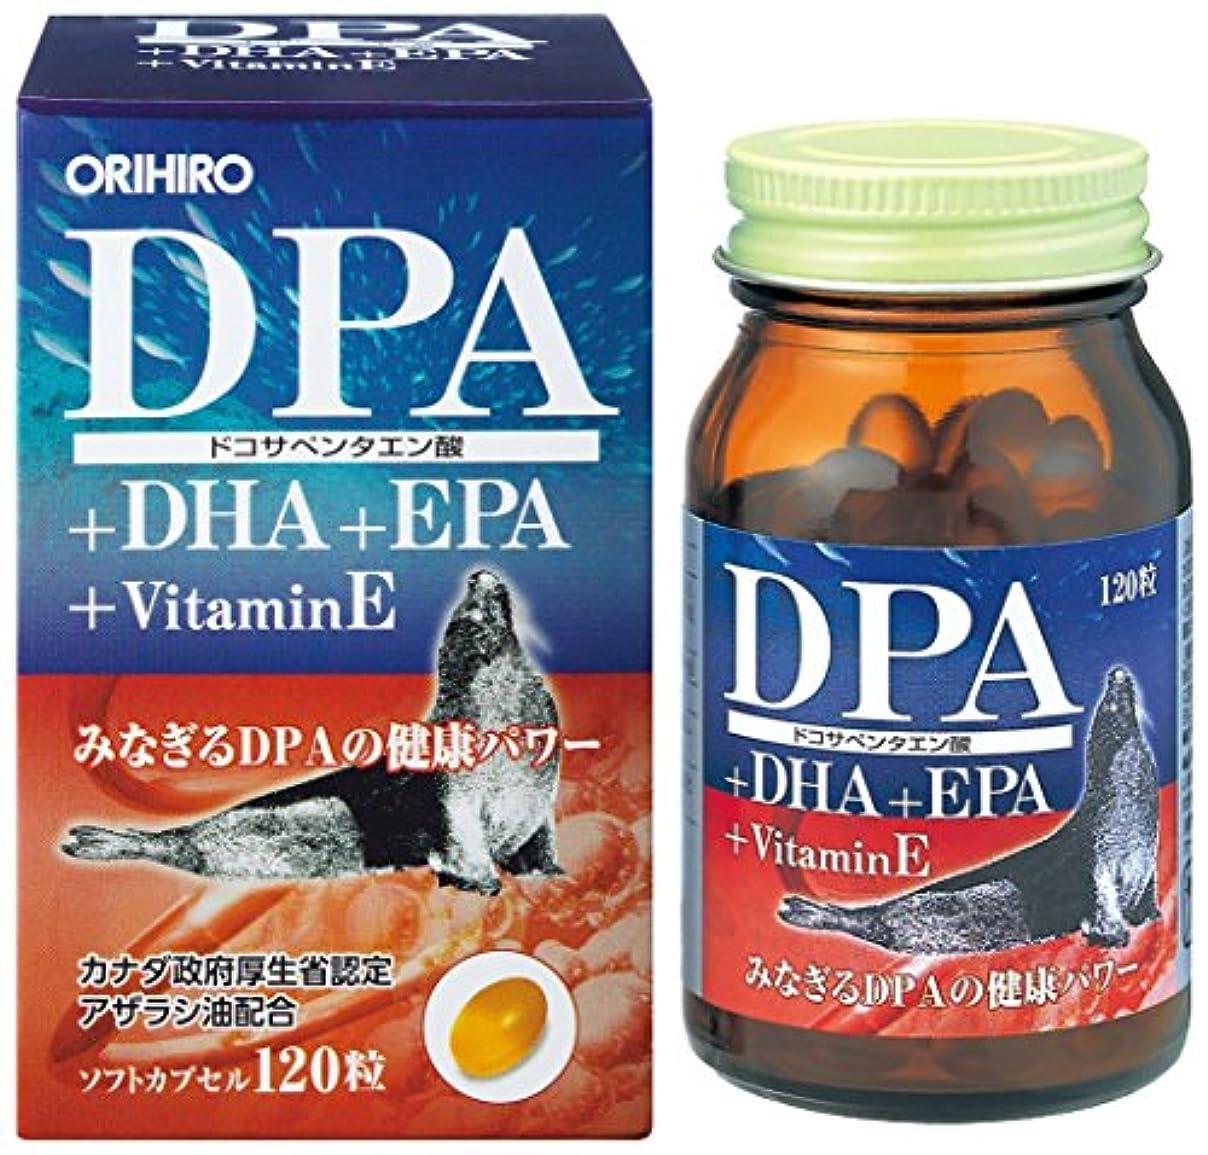 ジョイント論文割れ目オリヒロ DPA+EPAカプセル 120粒【3本セット】